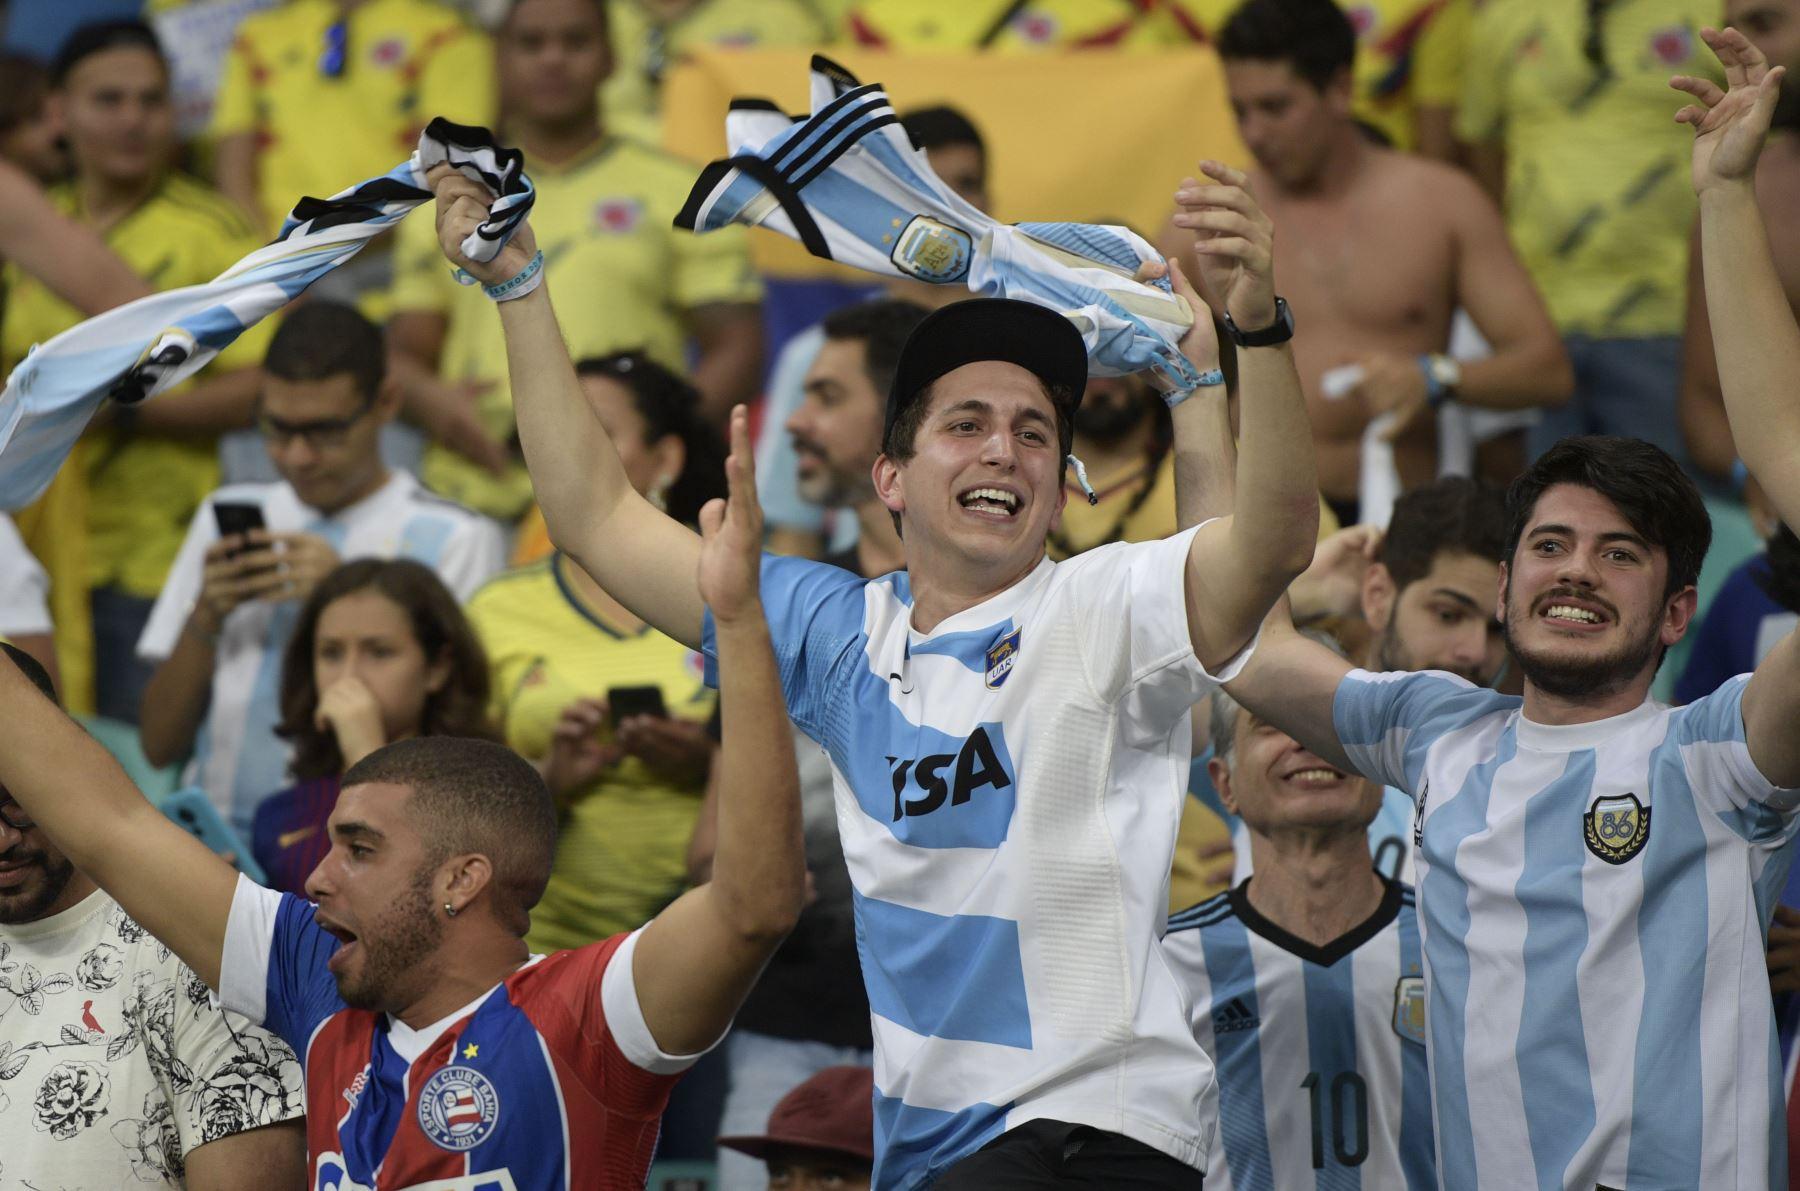 Los fanáticos de Argentina aplauden antes del inicio del partido de la Copa América en el torneo de fútbol contra Colombia en el Fonte Nova Arena en Salvador, Brasil. AFP